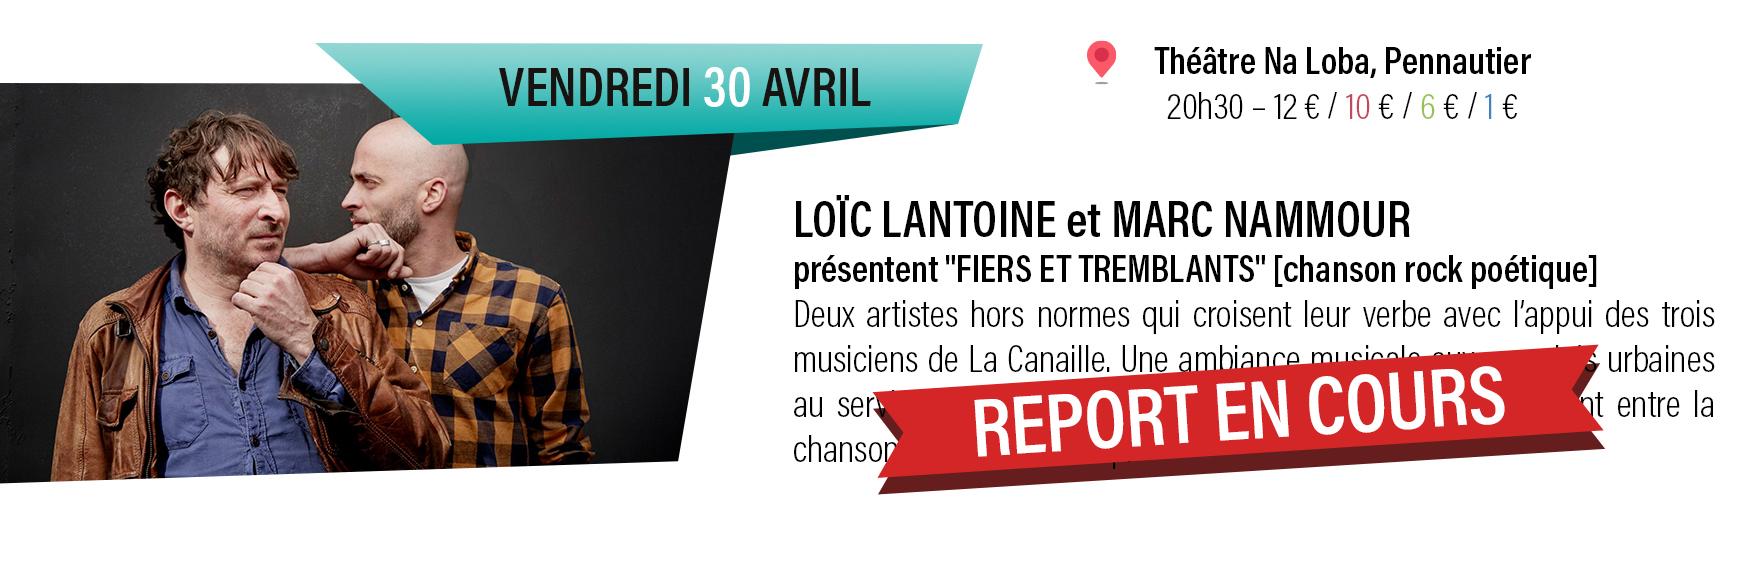 concert Loïc Lantoine et Marc Nammour